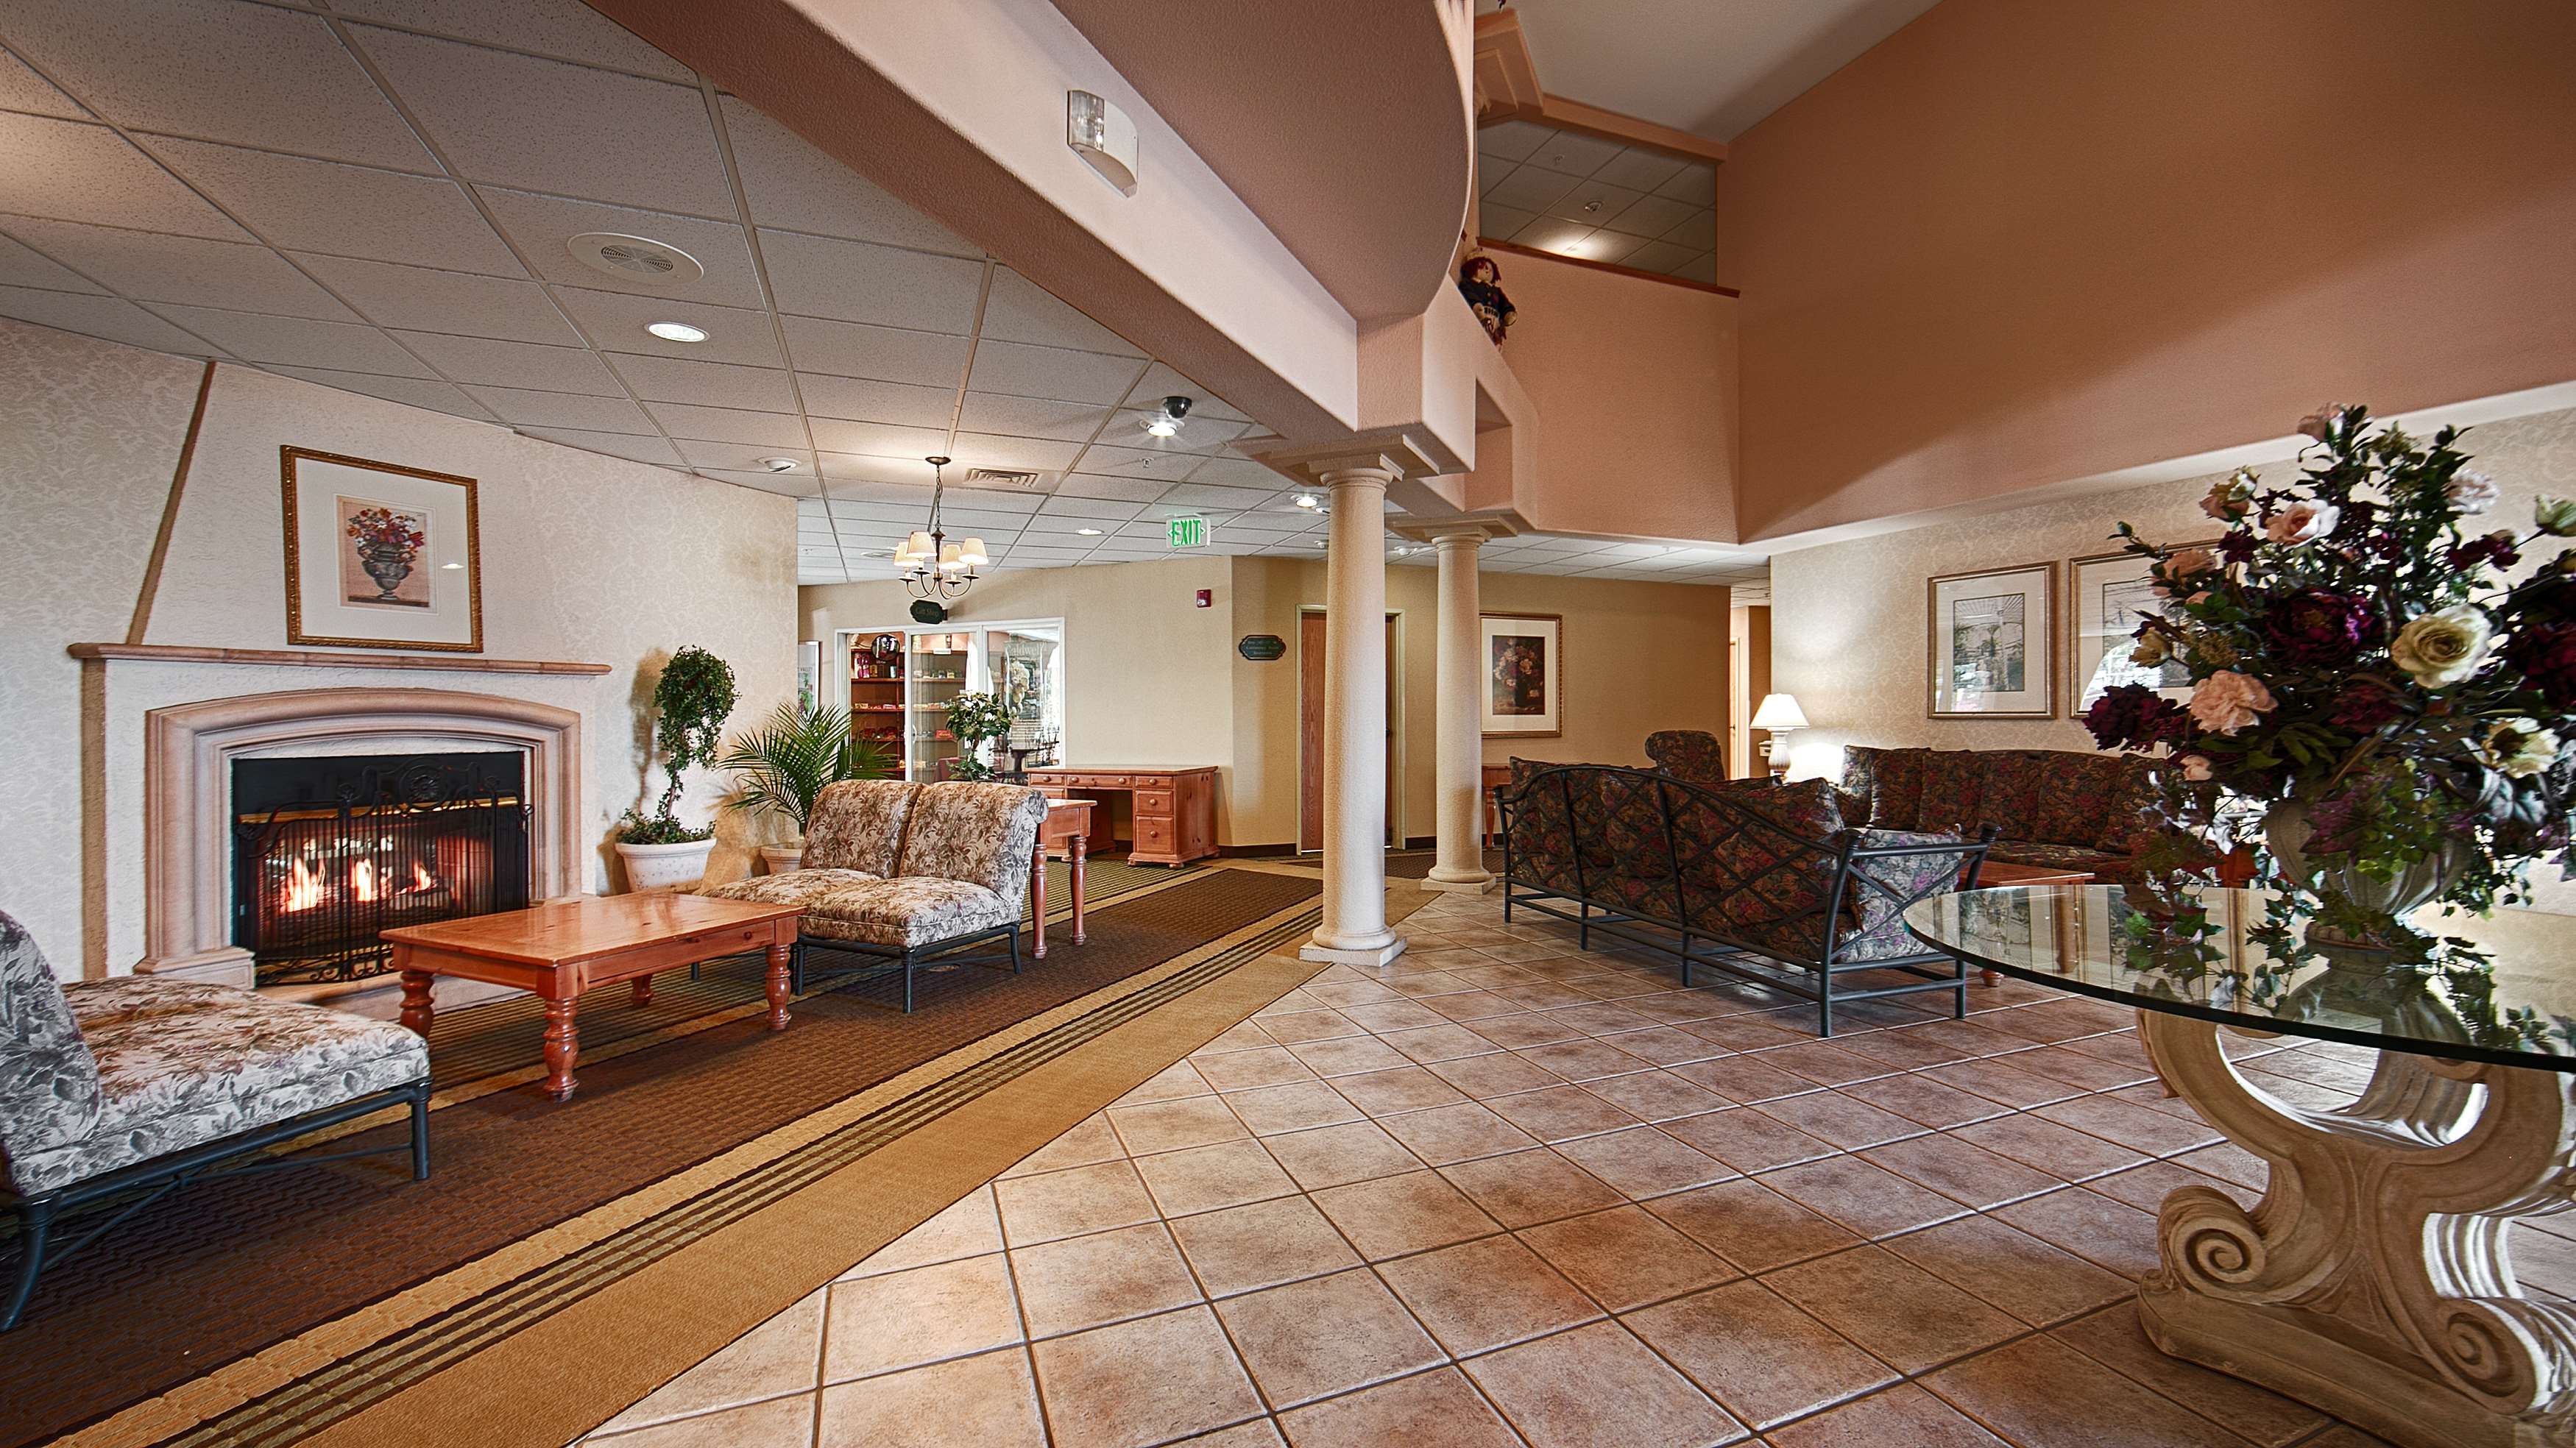 Best Western Plus Caldwell Inn & Suites image 7